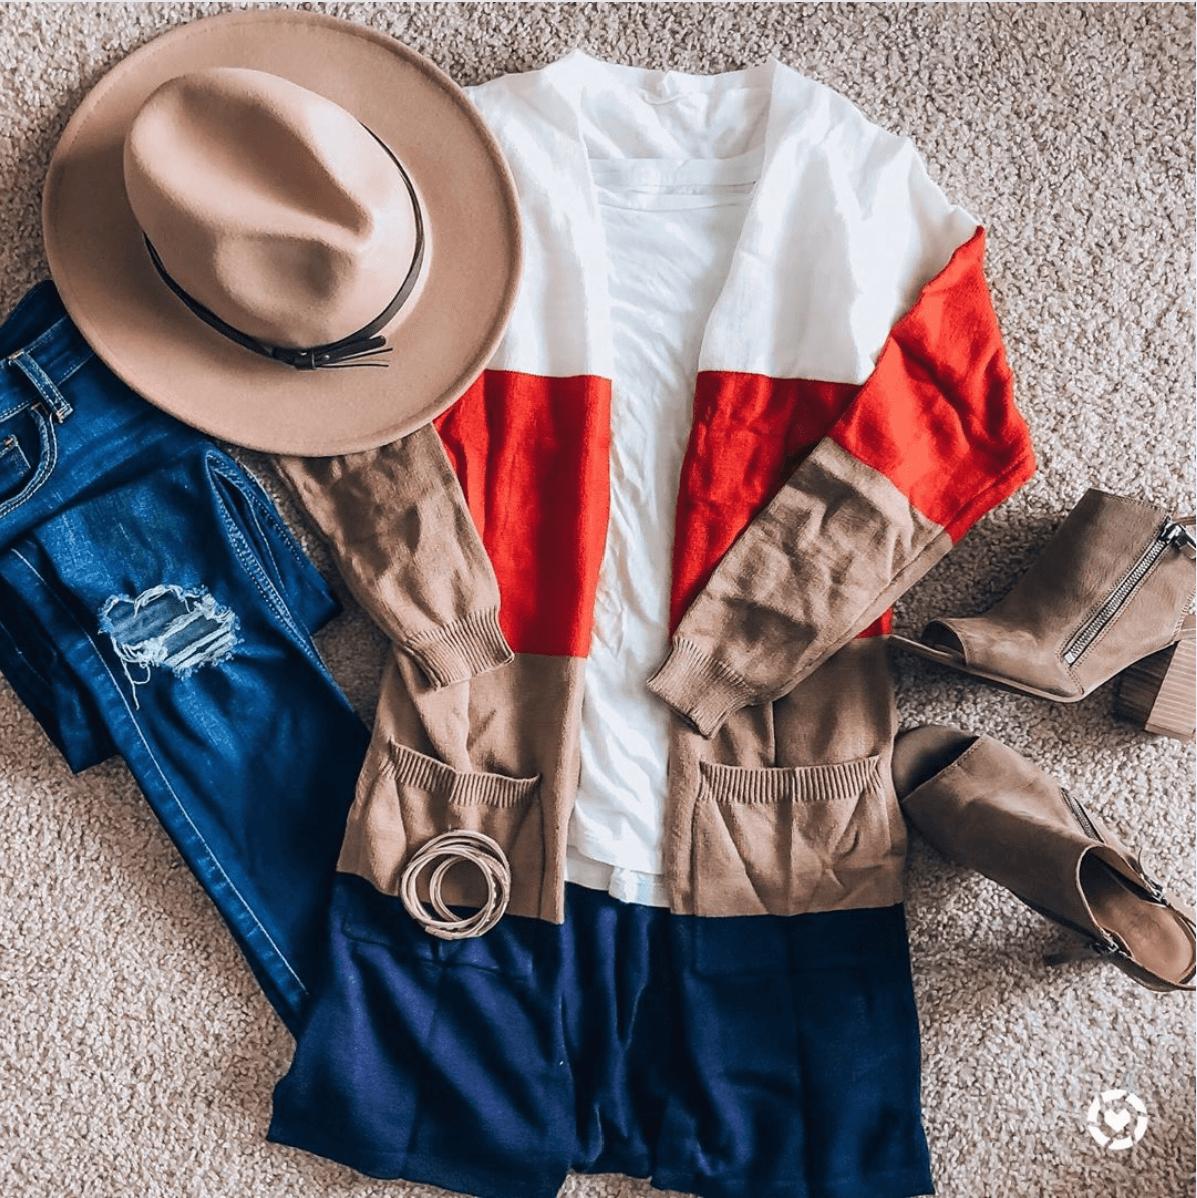 Γυναικεία μάλλινη ζακέτα σε λευκές, κόκκινες, μπεζ και μπλε αποχρώσεις με jean παντελόνι, μπεζ καπέλο και μπεζ μποτάκια με τακούνι